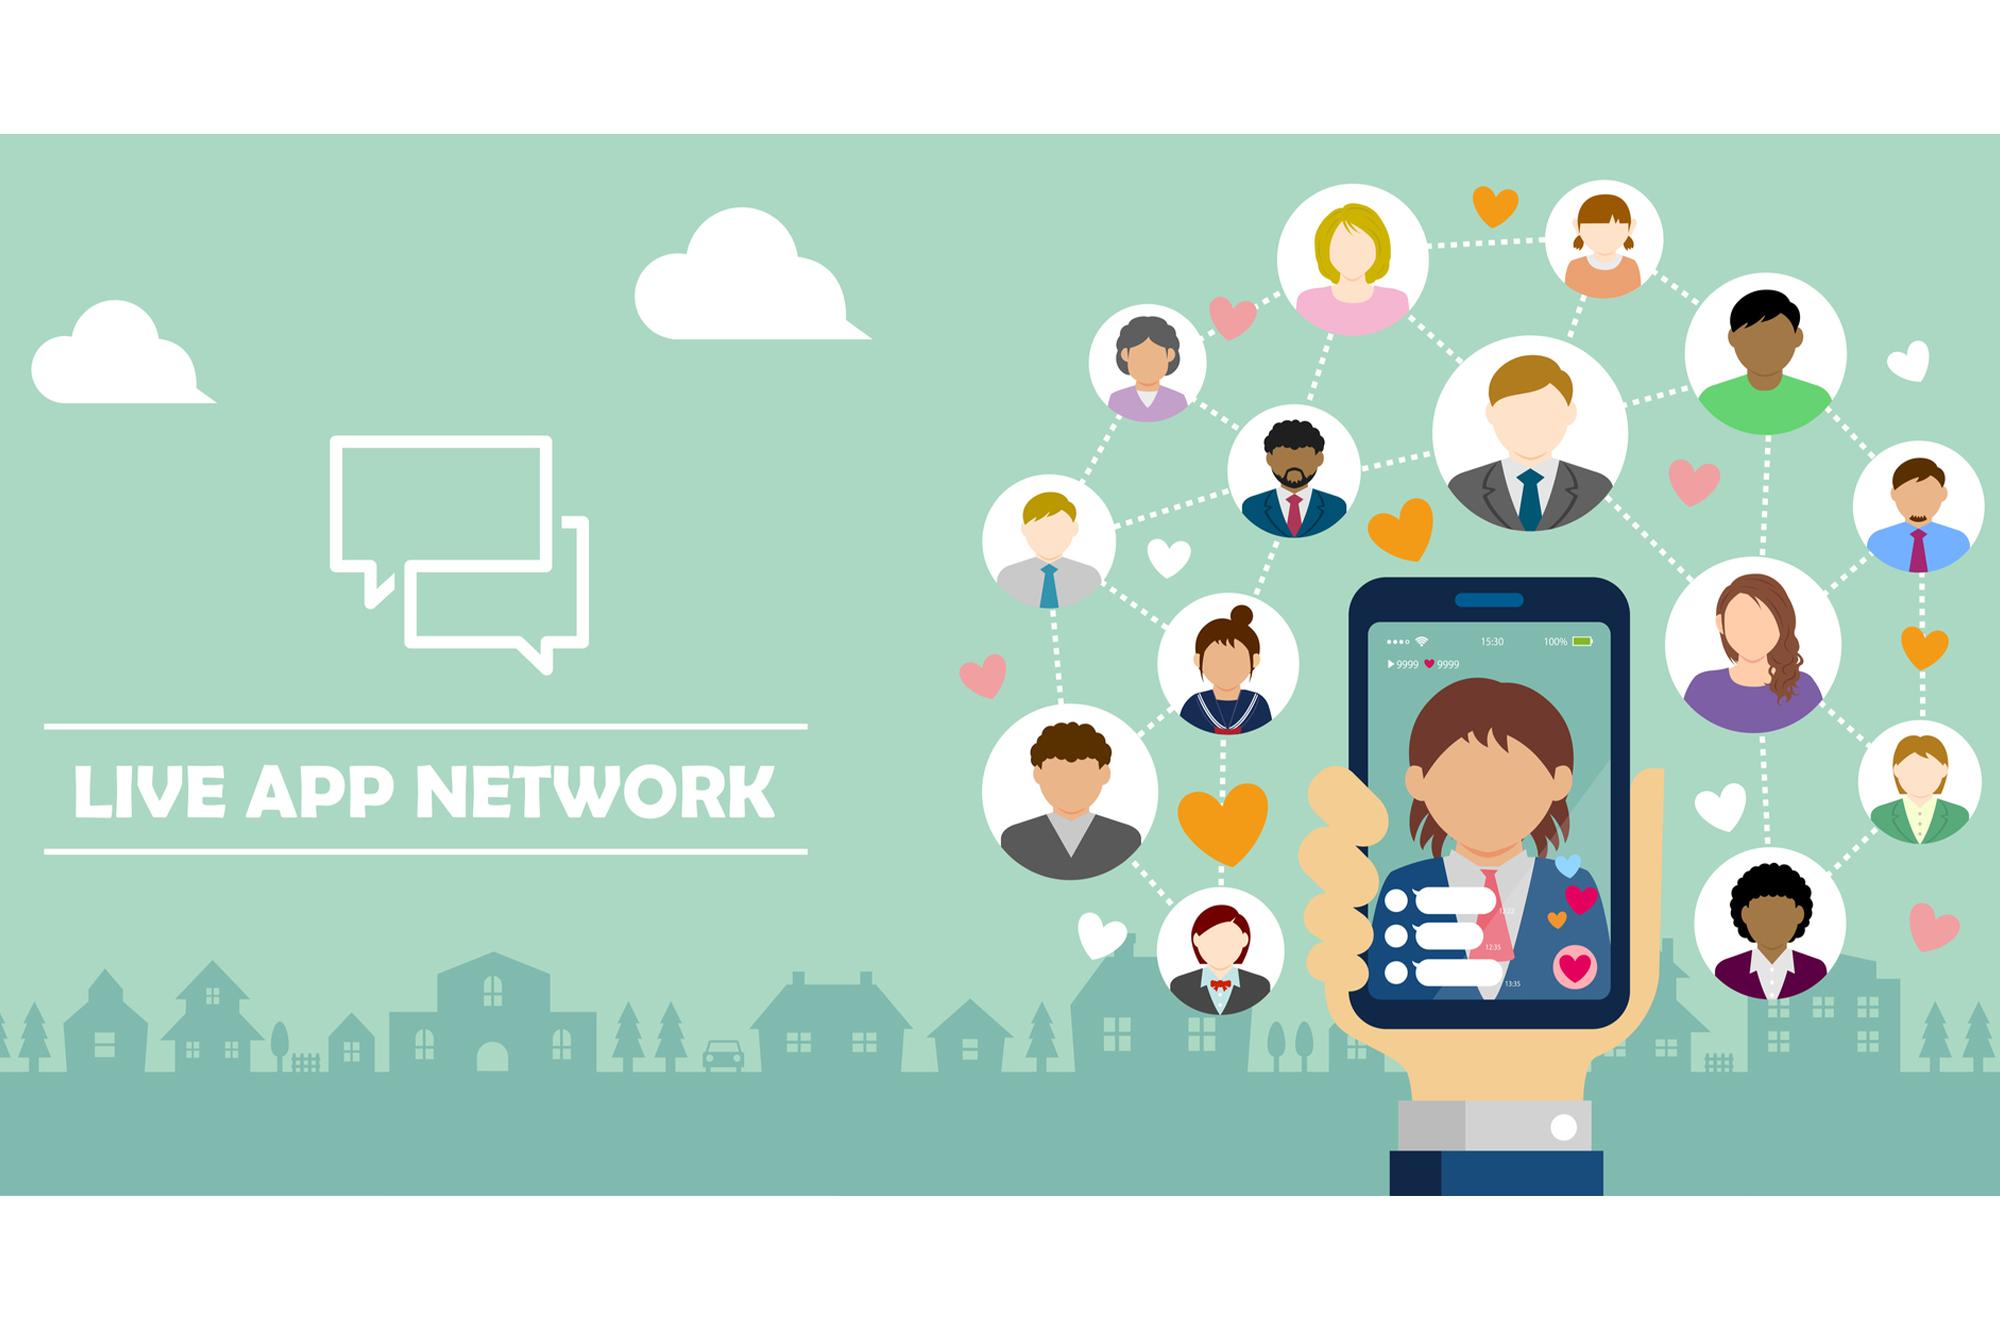 ビジネスチャットツール「LINE WORKS」の特徴は?